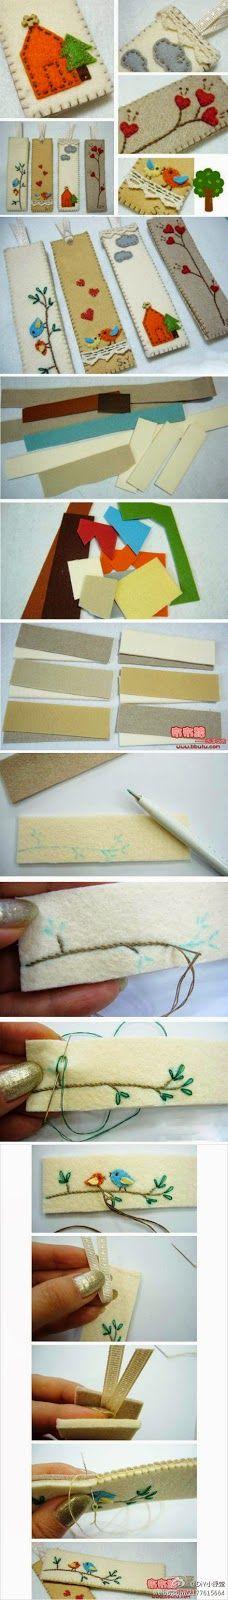 Minha Casinha Rosa: Marcador de página feito de feltro.